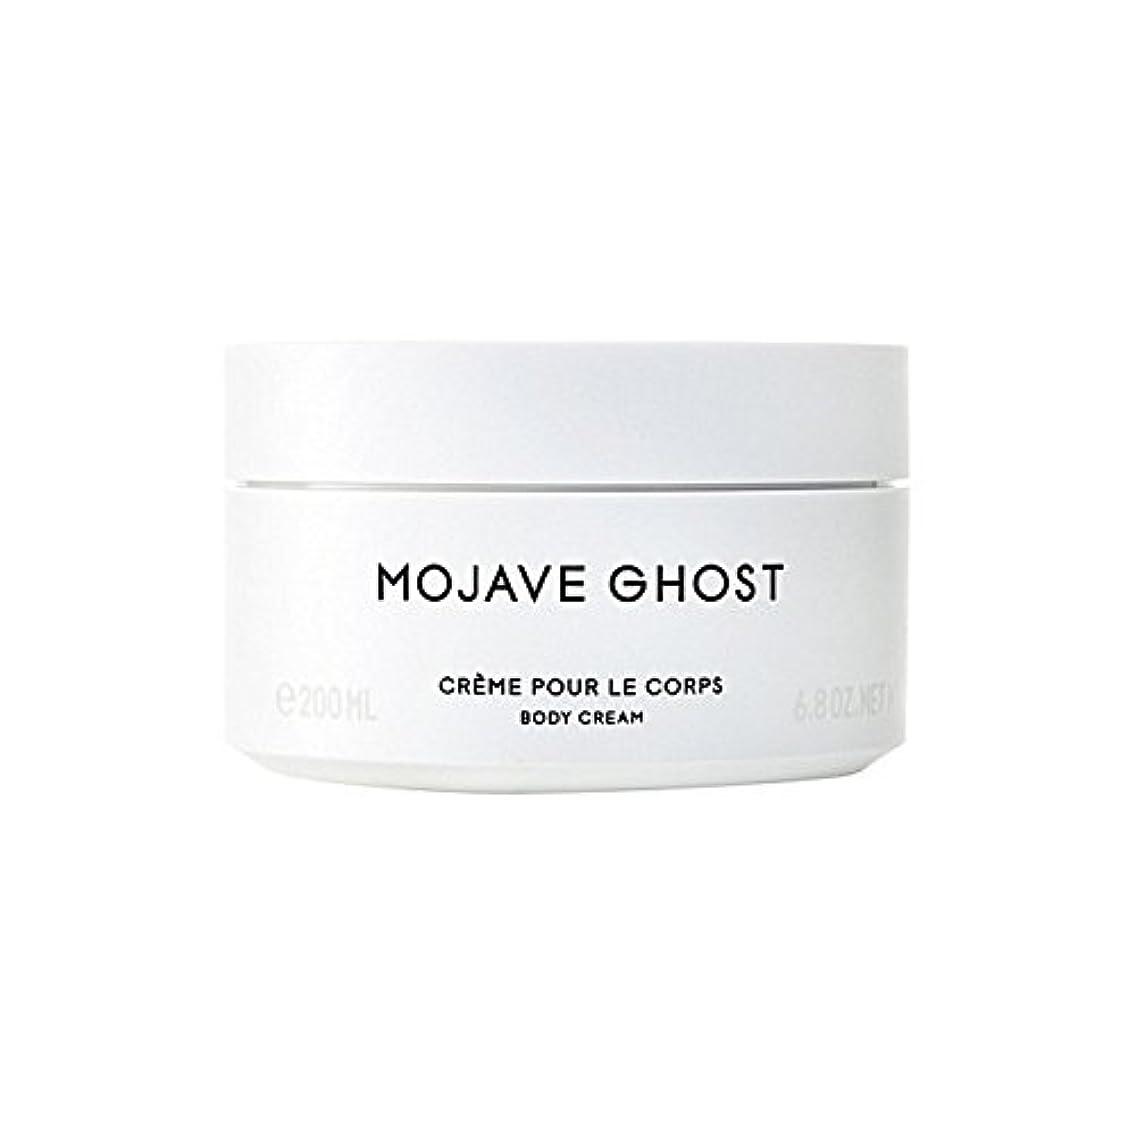 復活する接地急勾配のByredo Mojave Ghost Body Cream 200ml - モハーベゴーストボディクリーム200ミリリットル [並行輸入品]